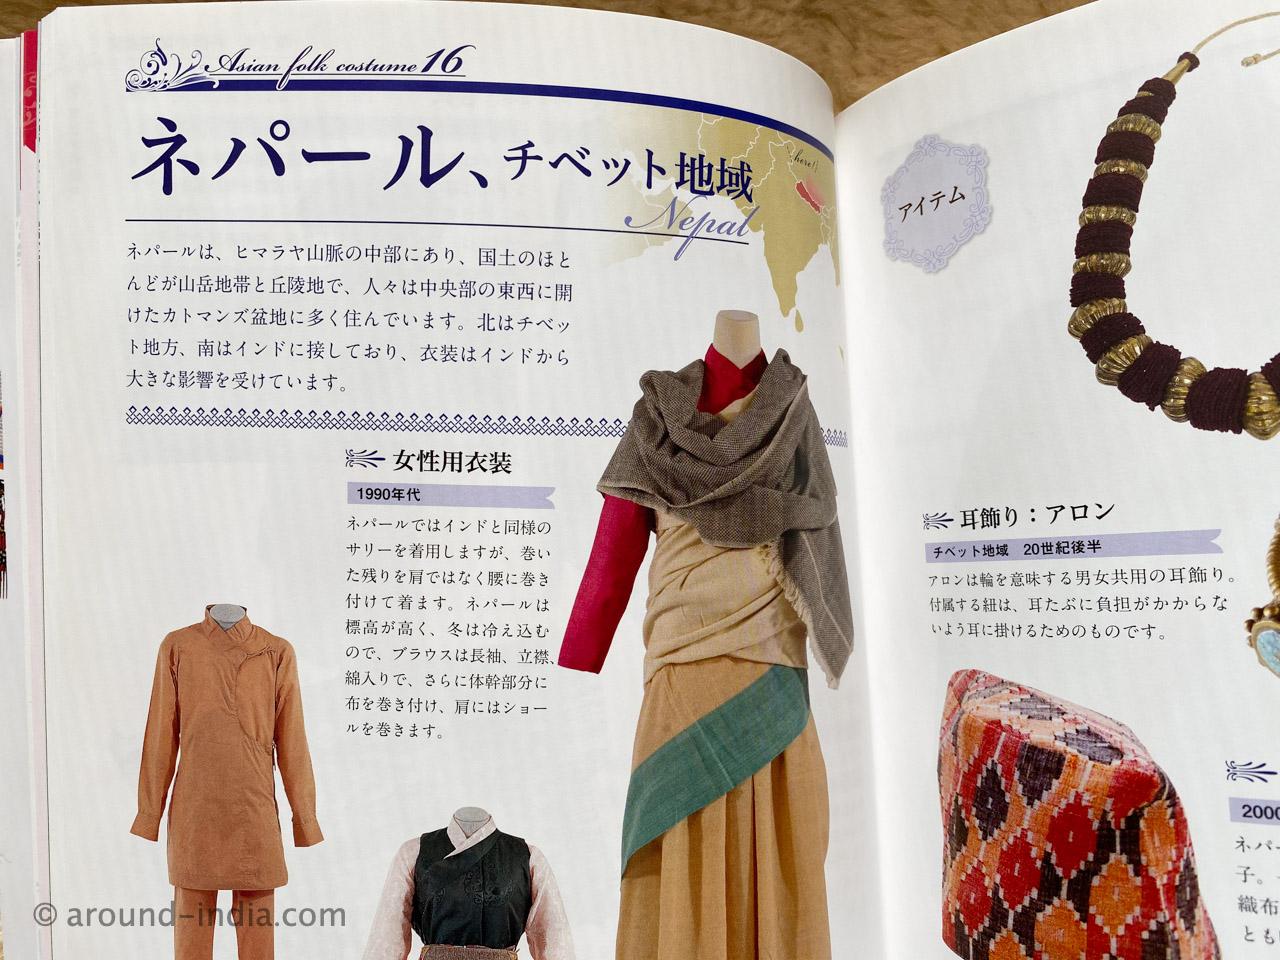 世界の民族衣装図鑑 ネパールの民族衣装